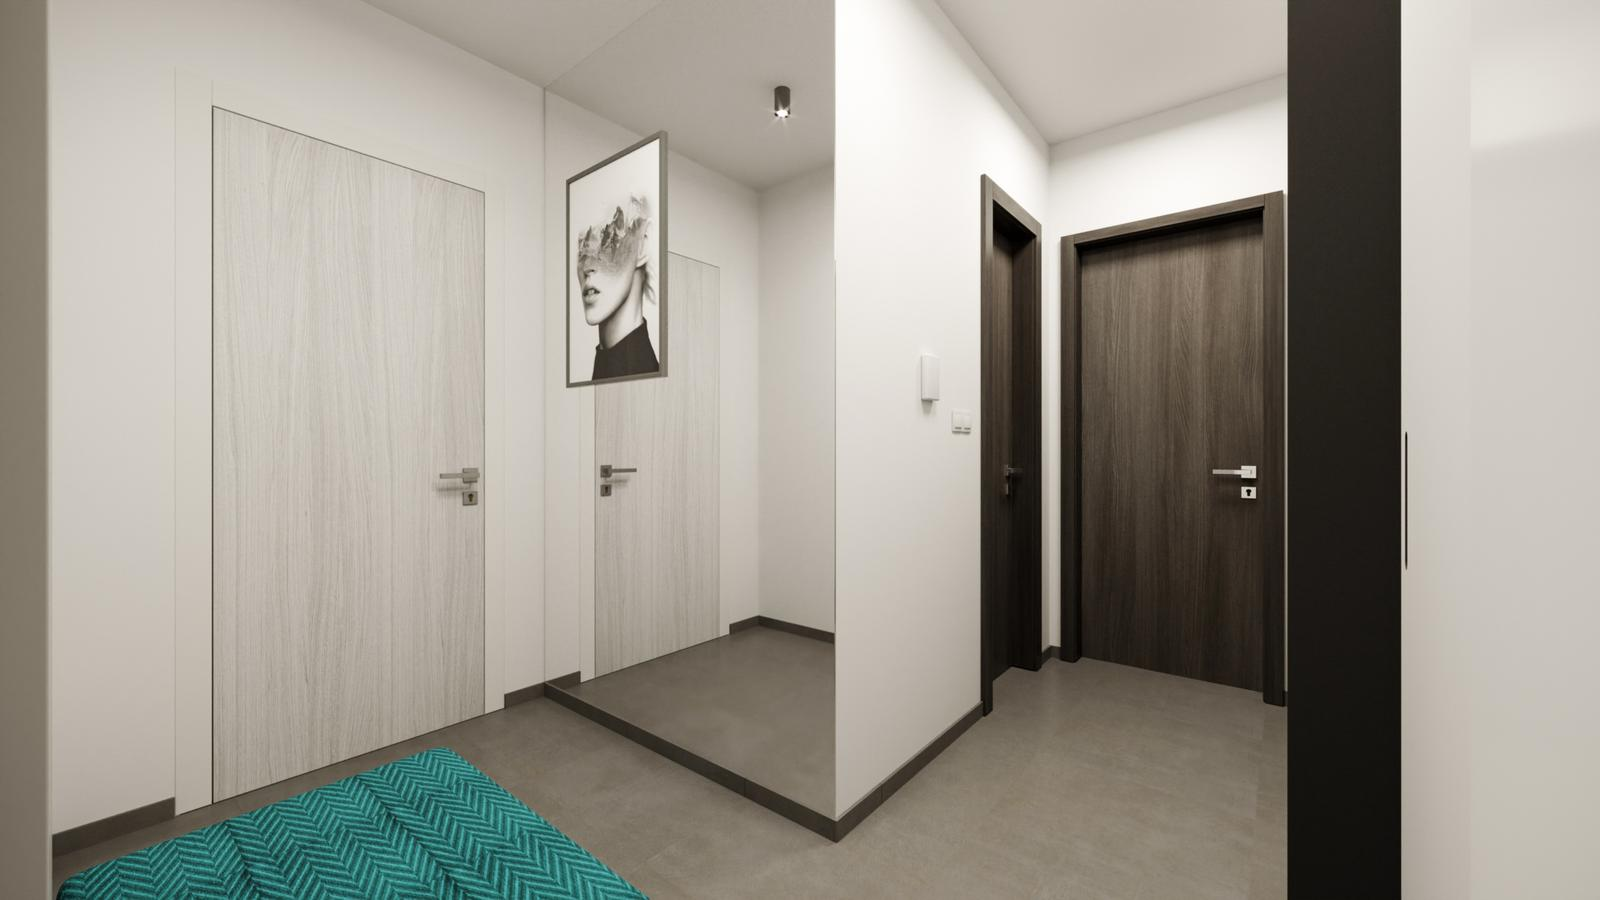 Štýlový, krásny interiér  bytu, najkrajší interiérový dizajn od bytového dizajnéra zo štúdia PRUNUS - Štýlový, krásny interiér  bytu, najkrajší interiérový dizajn od bytového dizajnéra zo štúdia PRUNUS